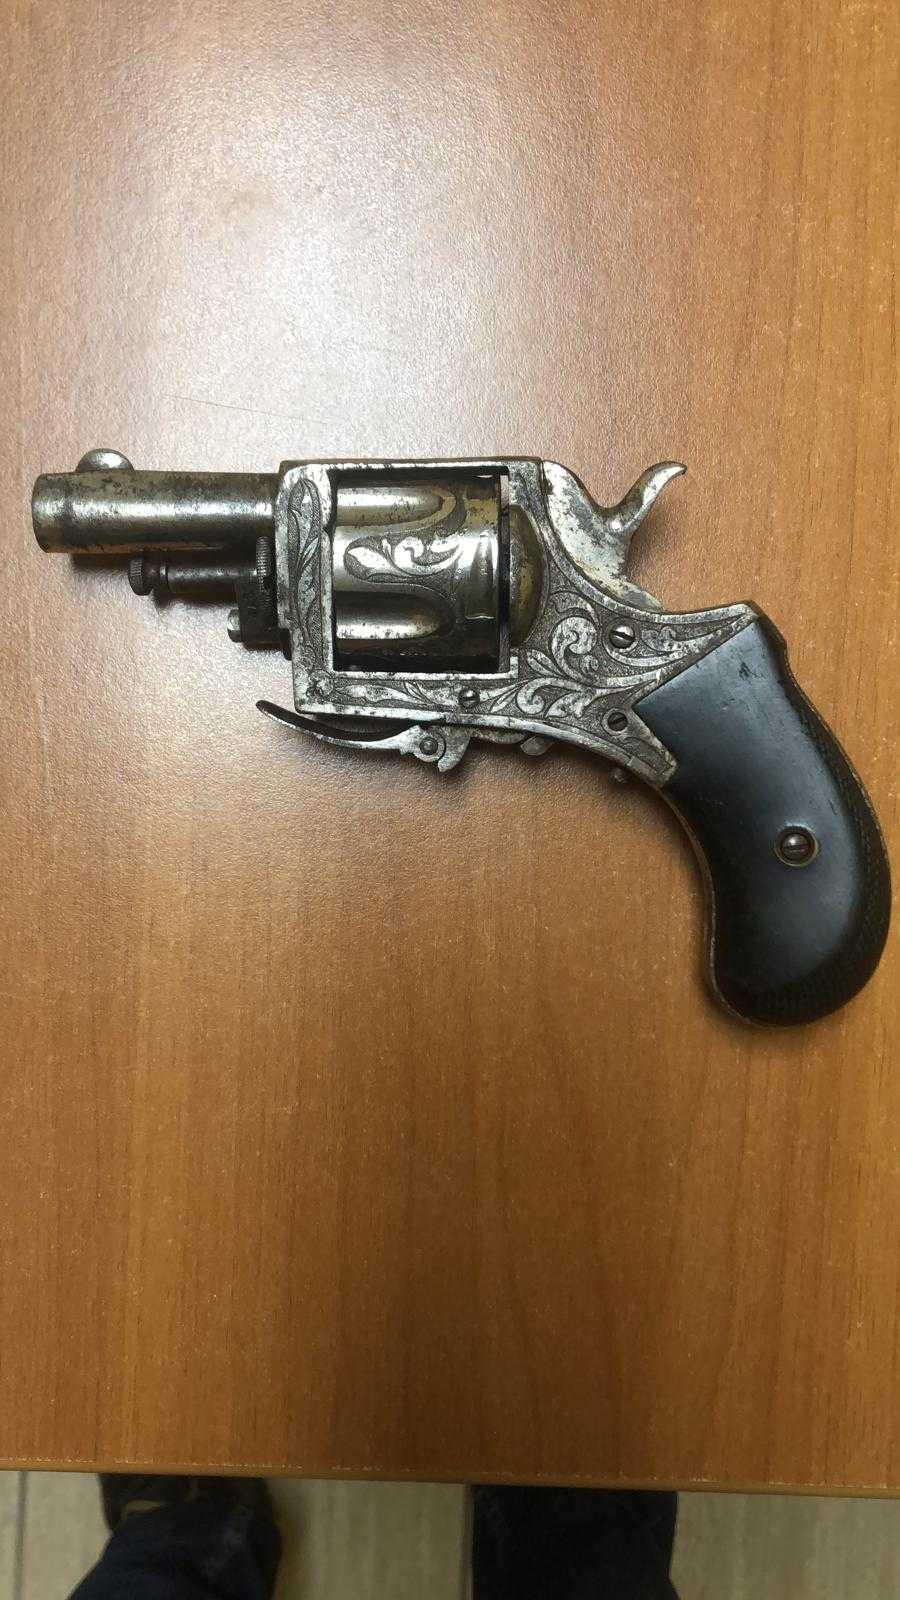 minaccia-con-un-revolver-l'ex-compagna-poi-consegna-l'arma-ai-carabinieri